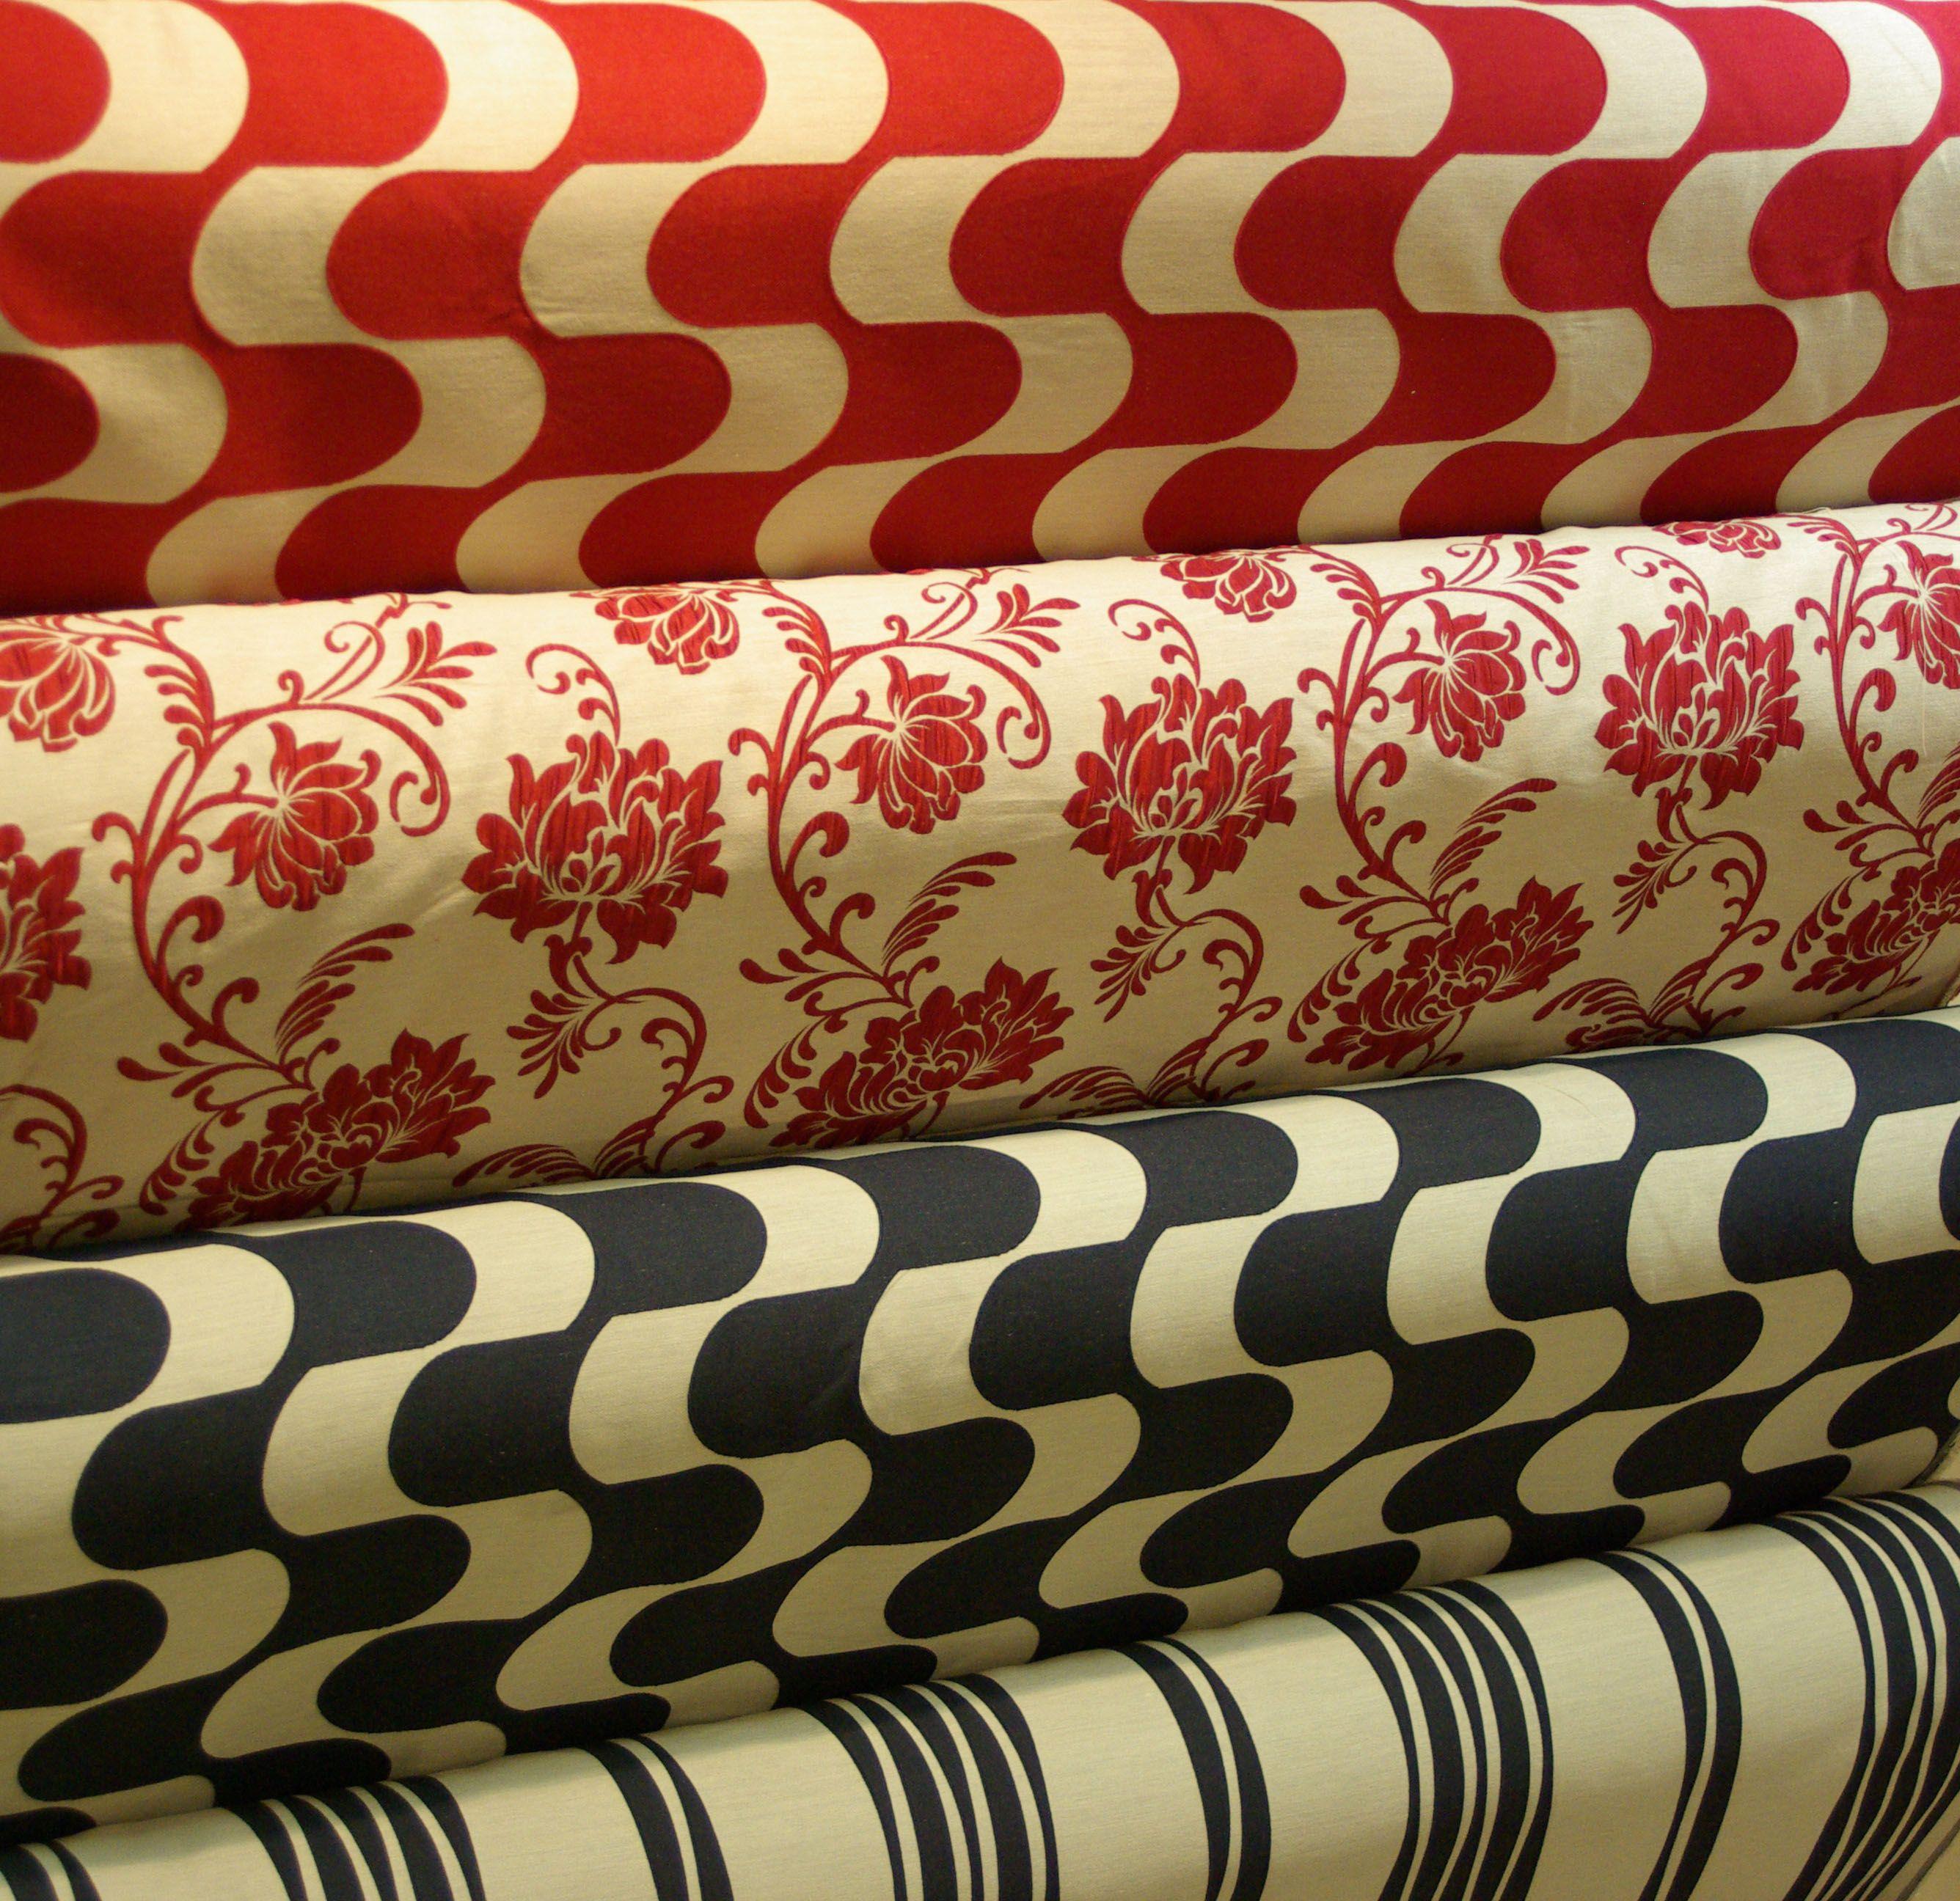 nouvelle collection de tissus d 39 ameublement pour vos cr ation de nappes coussins fauteuils etc. Black Bedroom Furniture Sets. Home Design Ideas